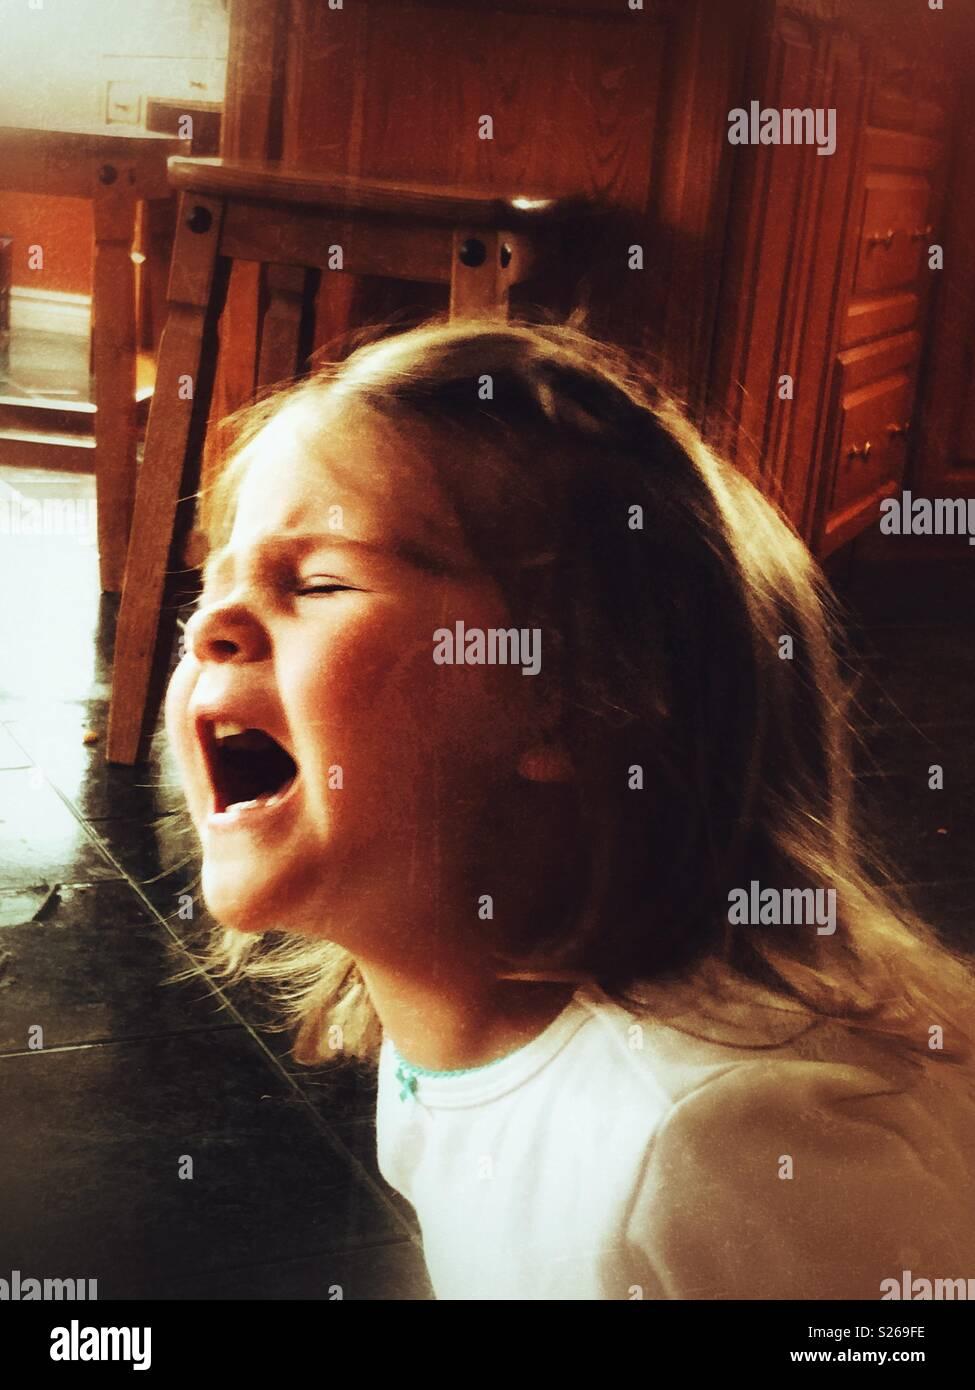 Toddler girl screaming during a temper tantrum - Stock Image